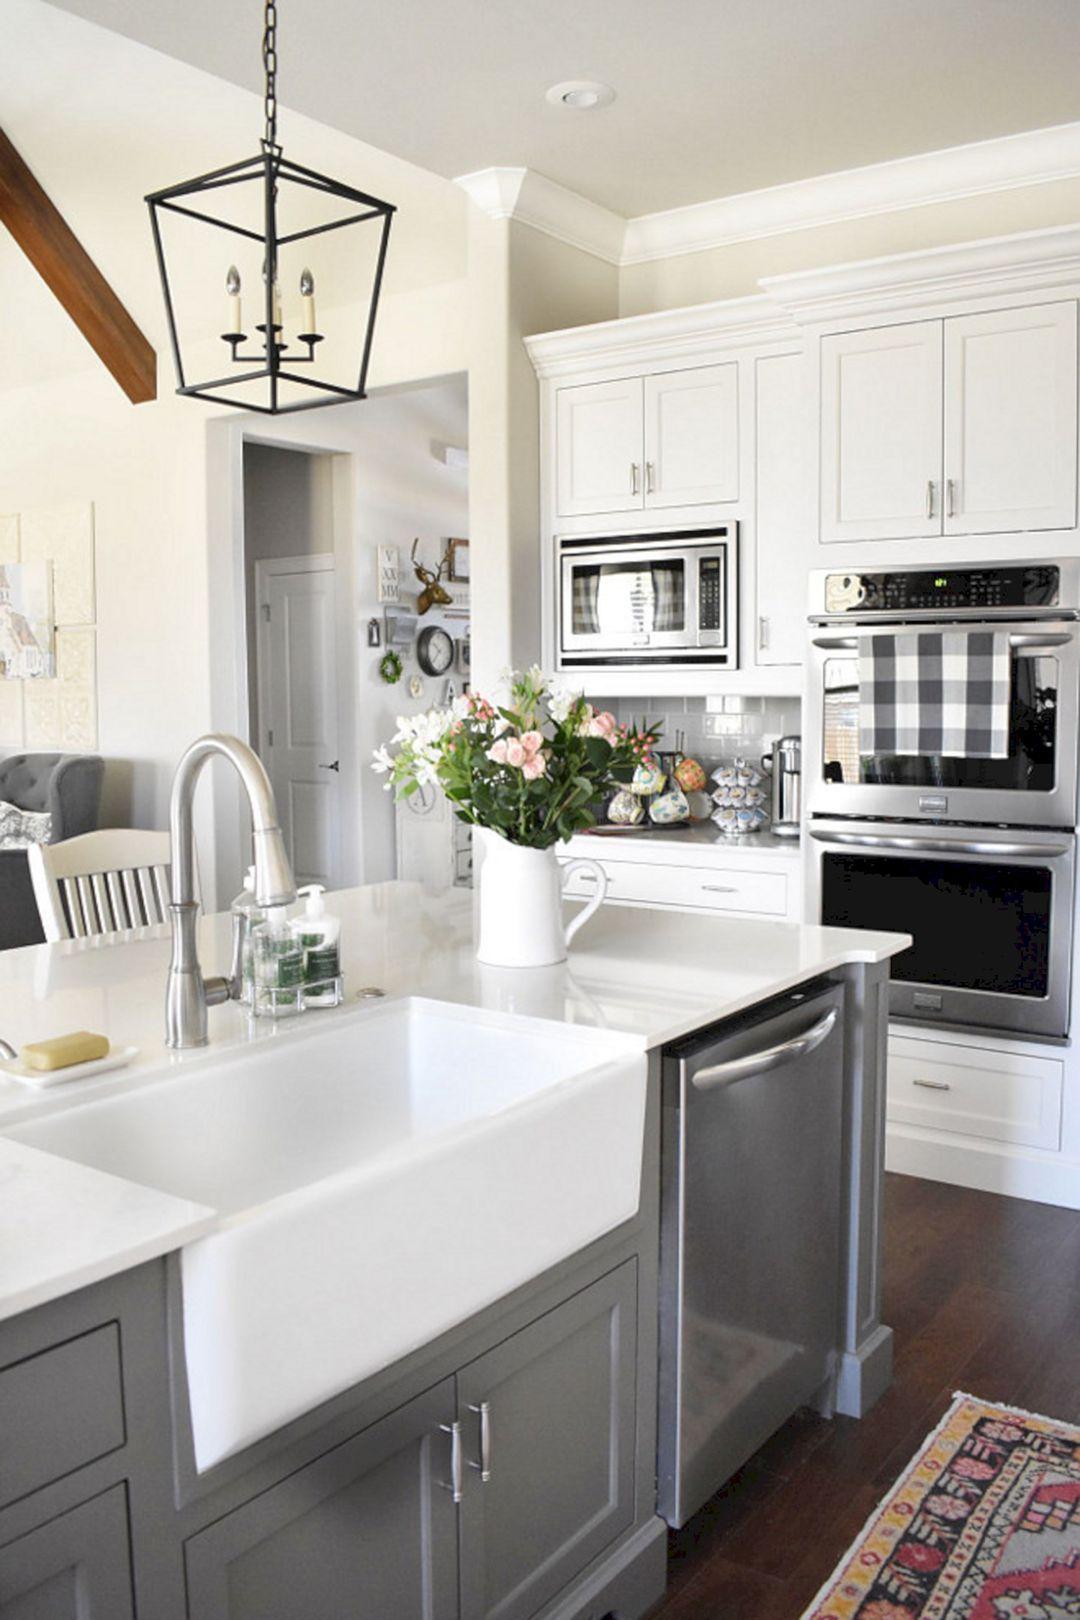 Awesome Farmhouse Kitchen Design Ideas 3000 | Pinterest